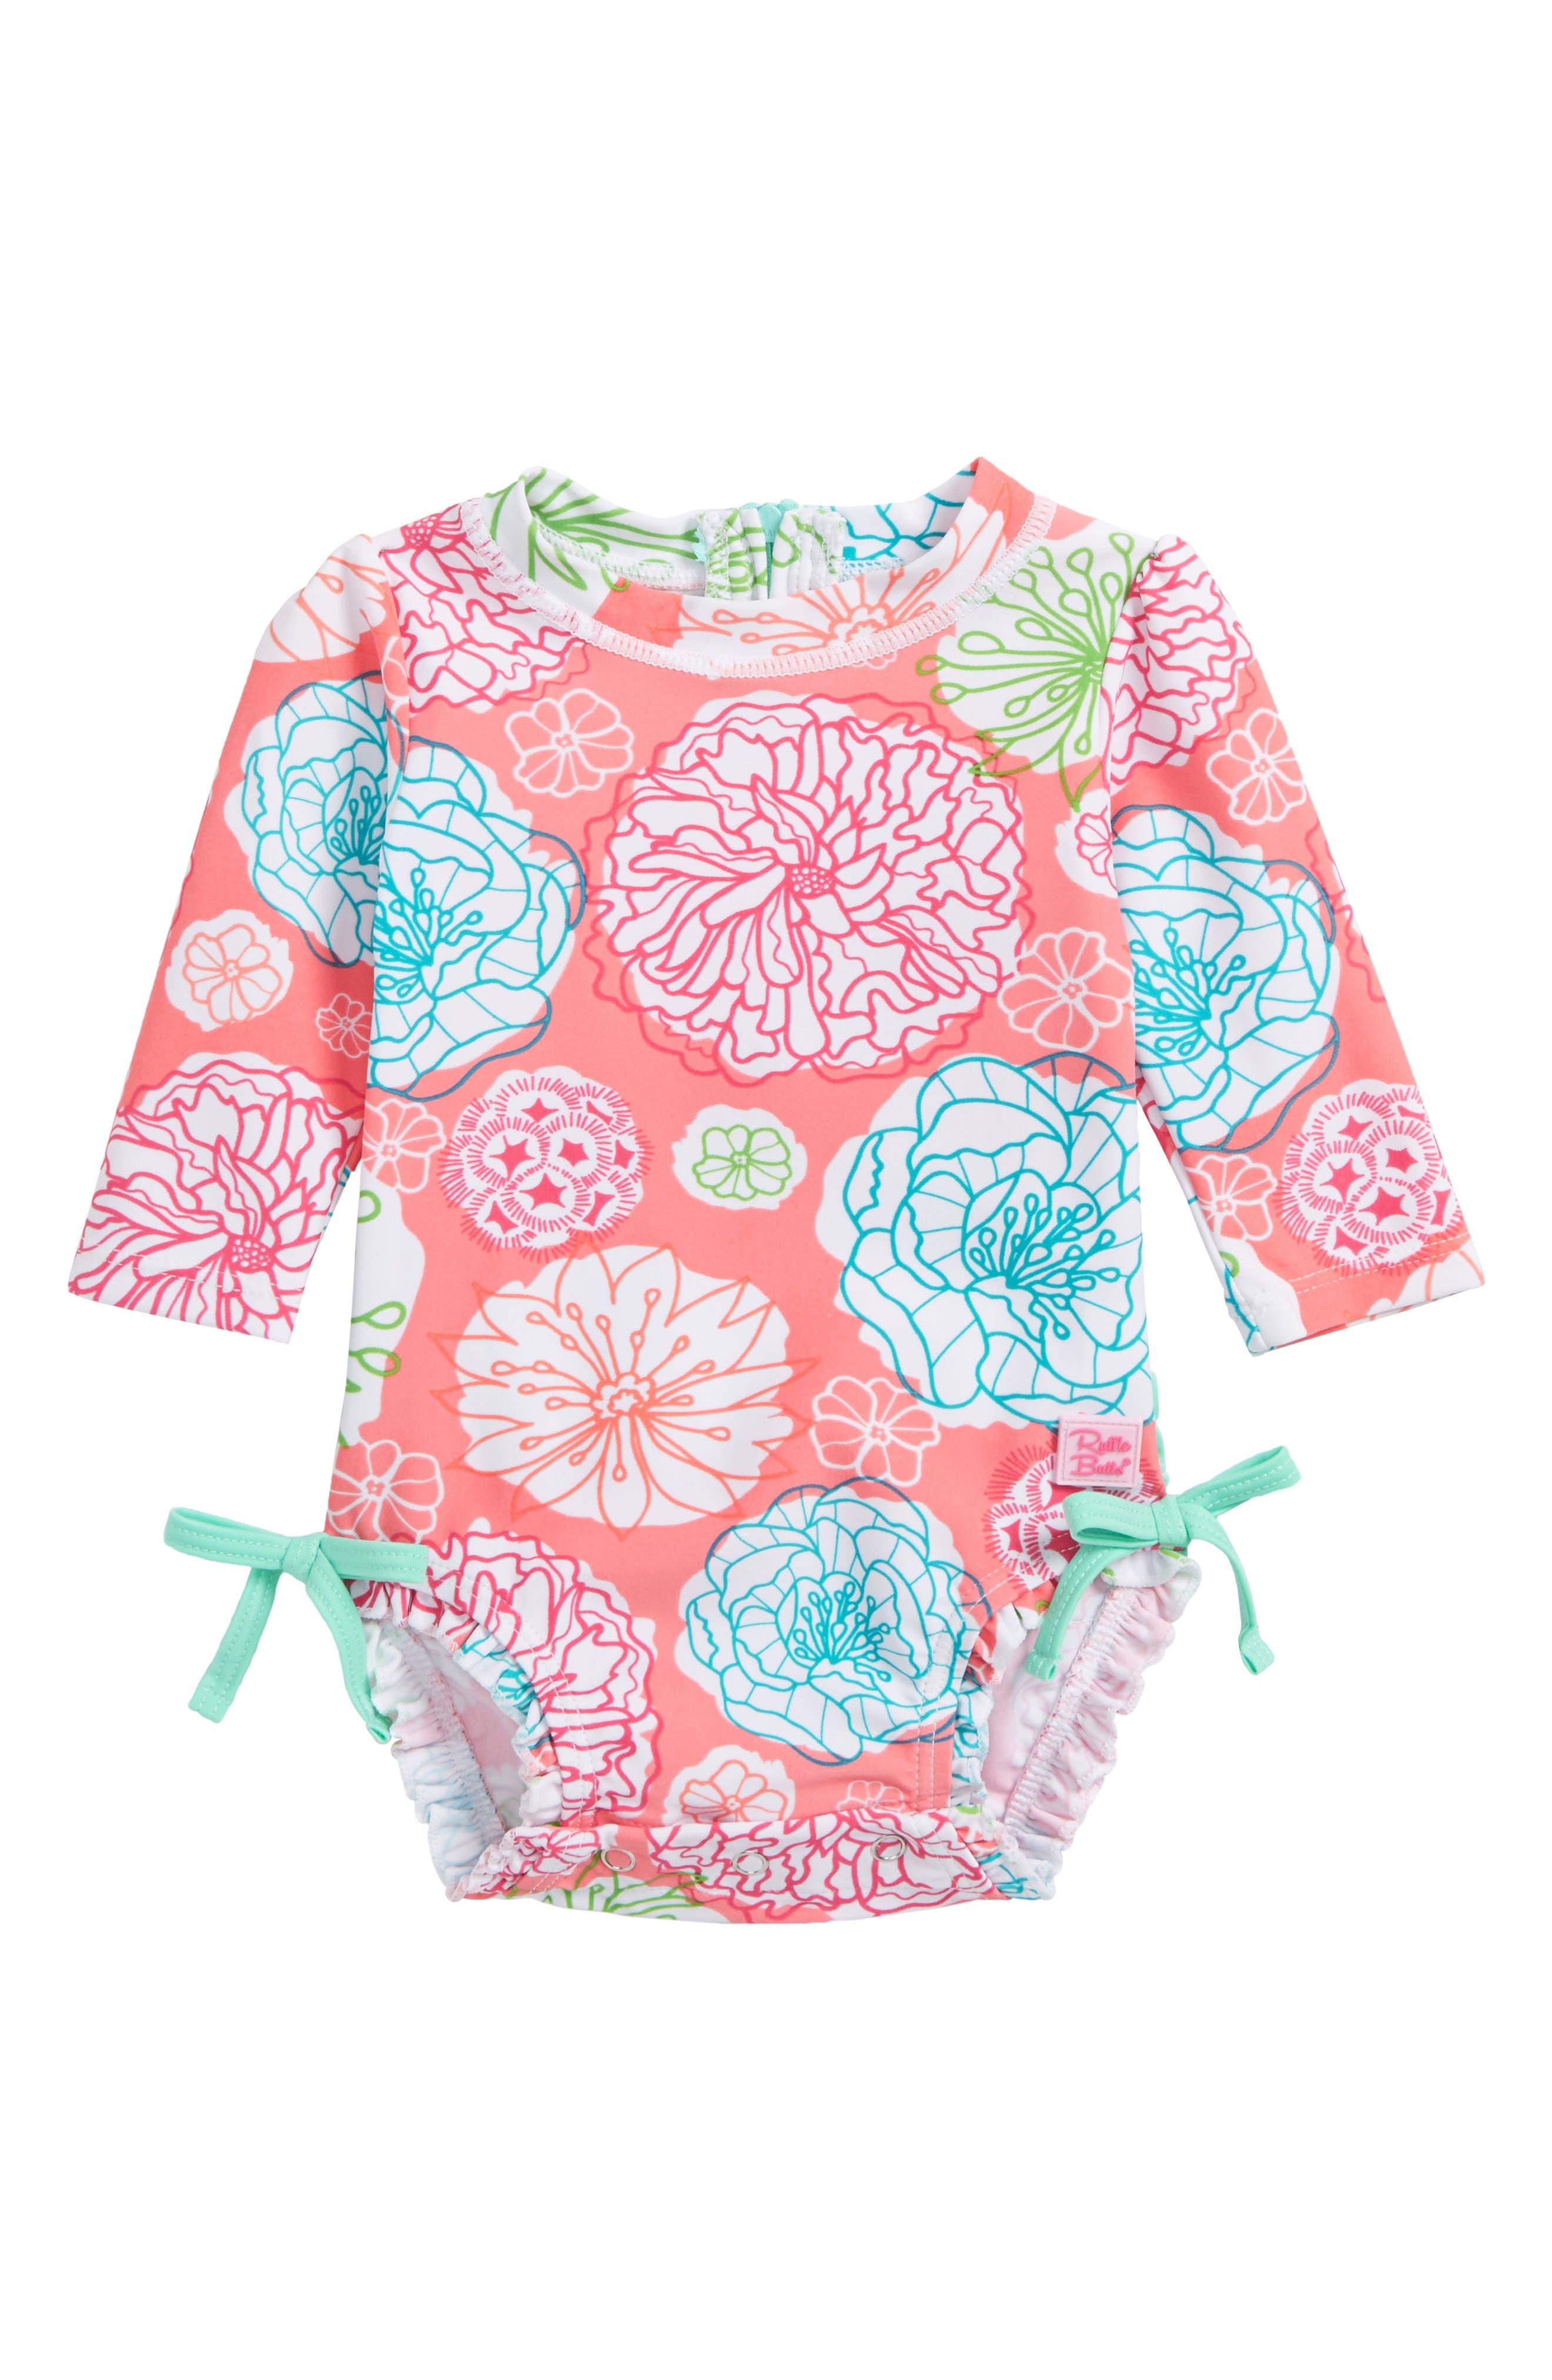 RuffleButts Tropical Garden One-Piece Rashguard (Baby Girls)